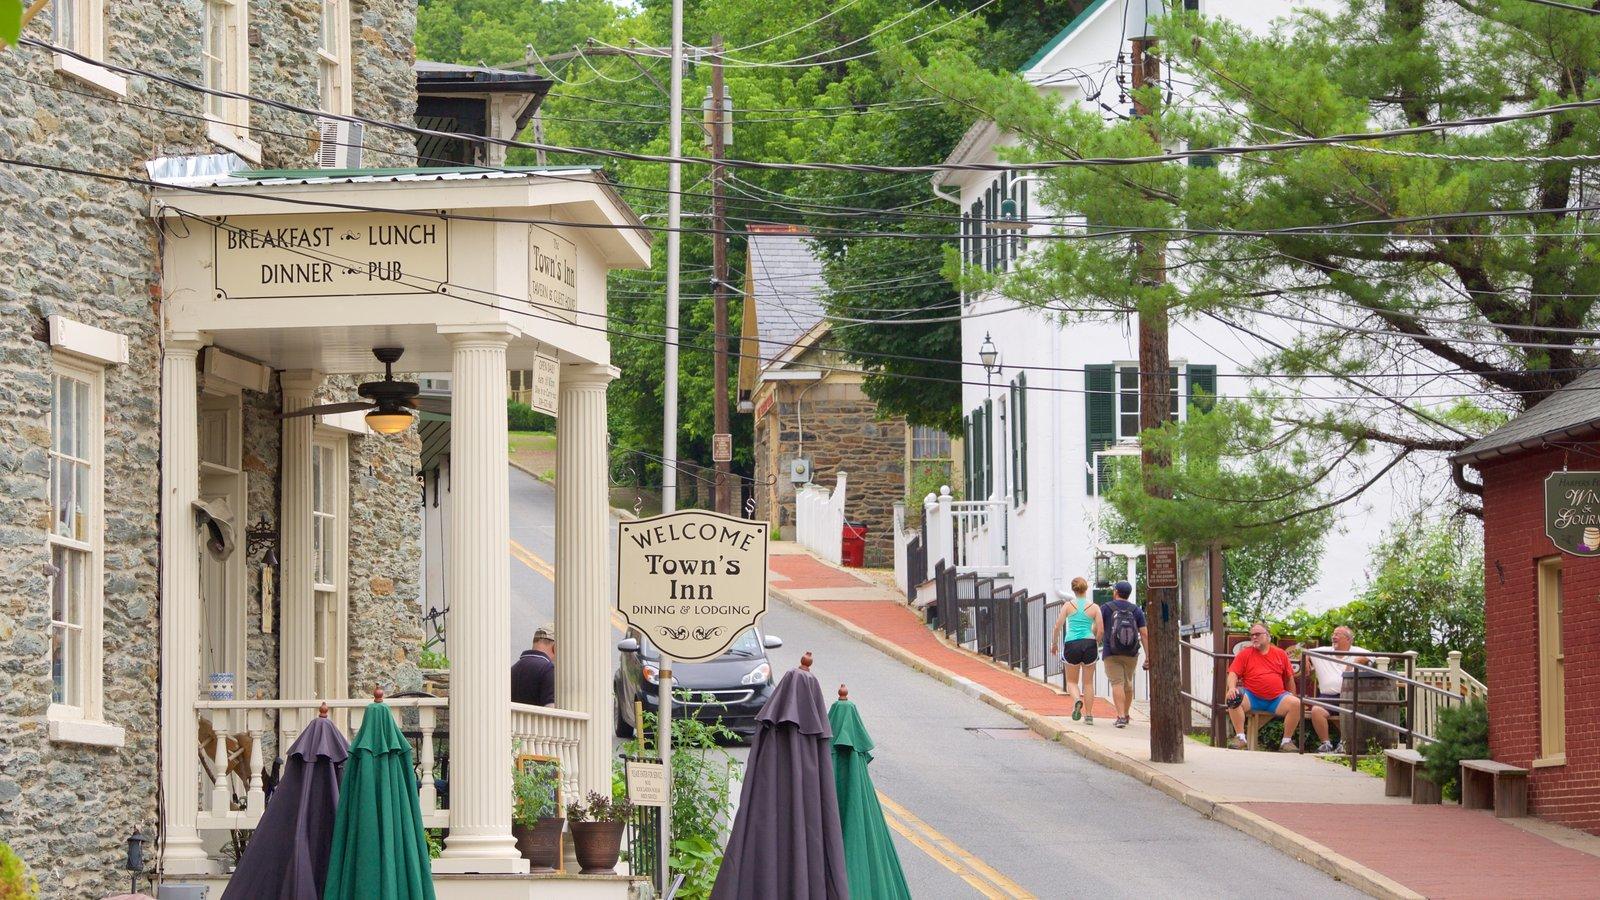 Parque Histórico Nacional de Harpers Ferry que incluye elementos del patrimonio, un bar y escenas urbanas